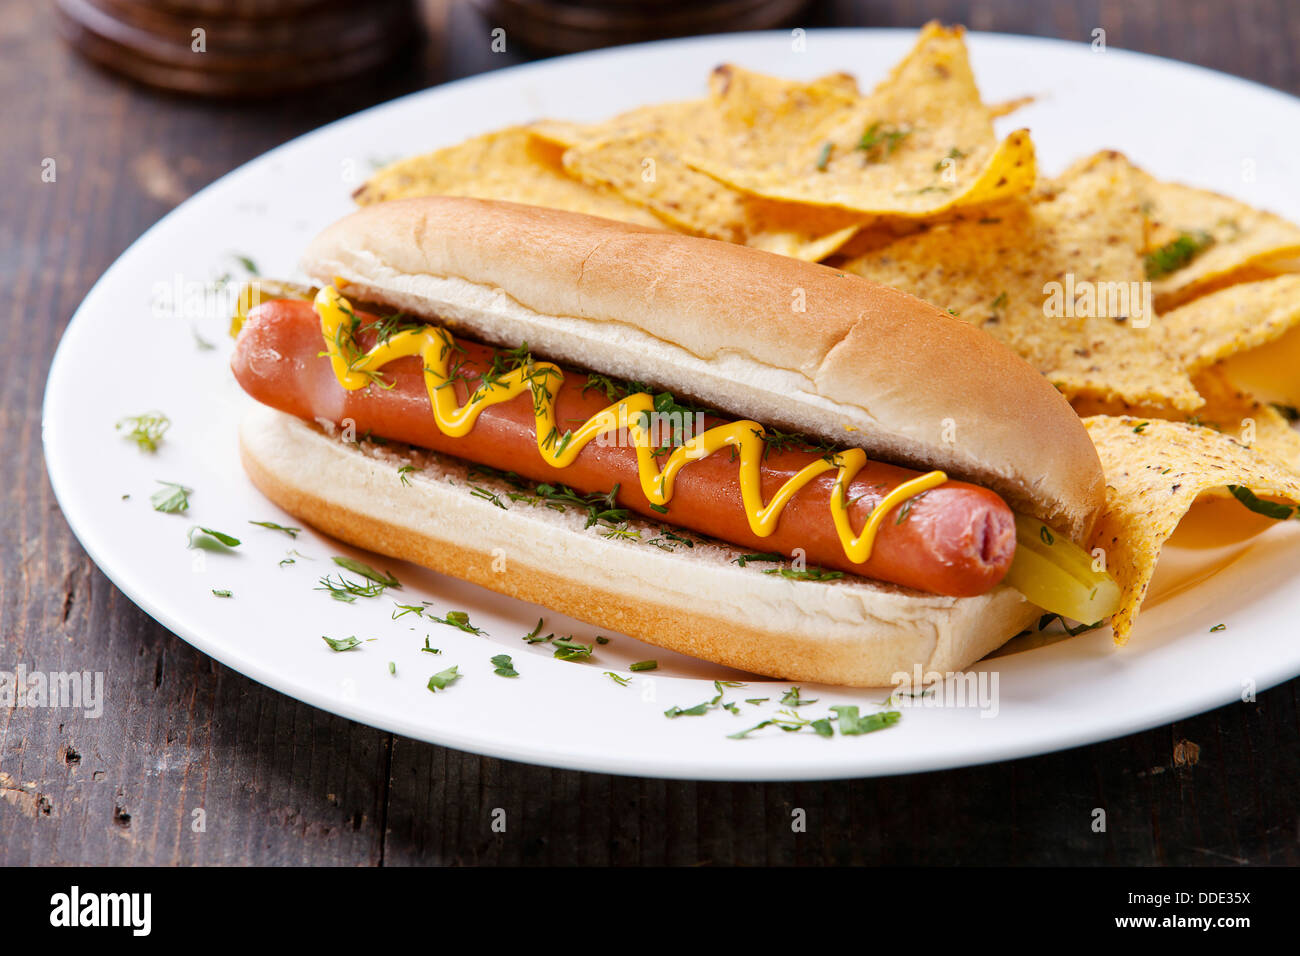 Hot Dog con senape e patatine su sfondo di legno Immagini Stock